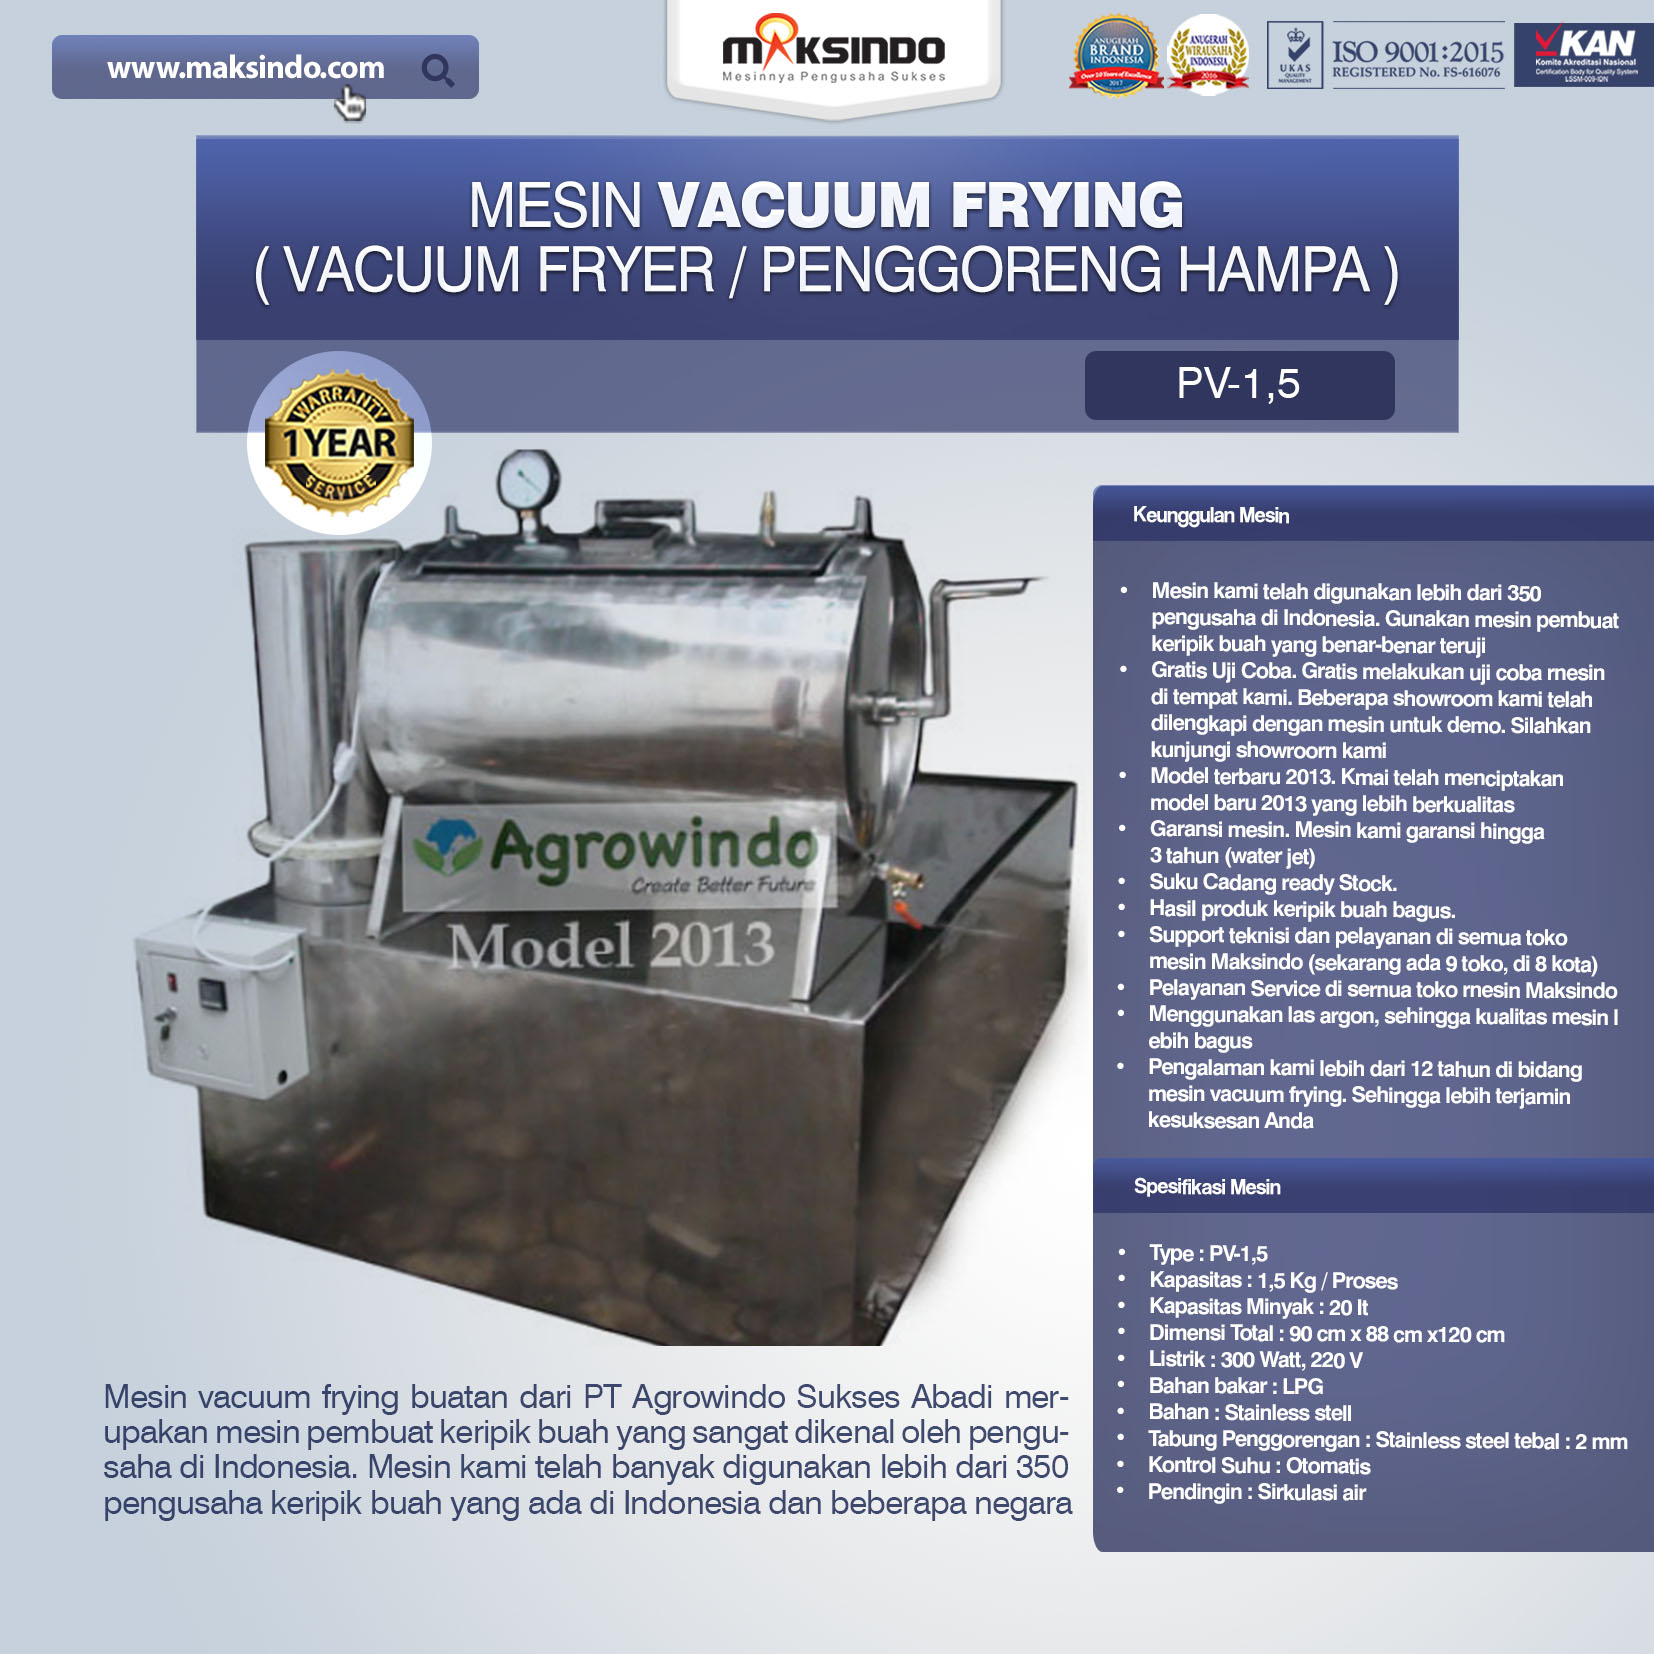 Jual Mesin Vacuum Frying Kapasitas 1.5 kg di Bekasi